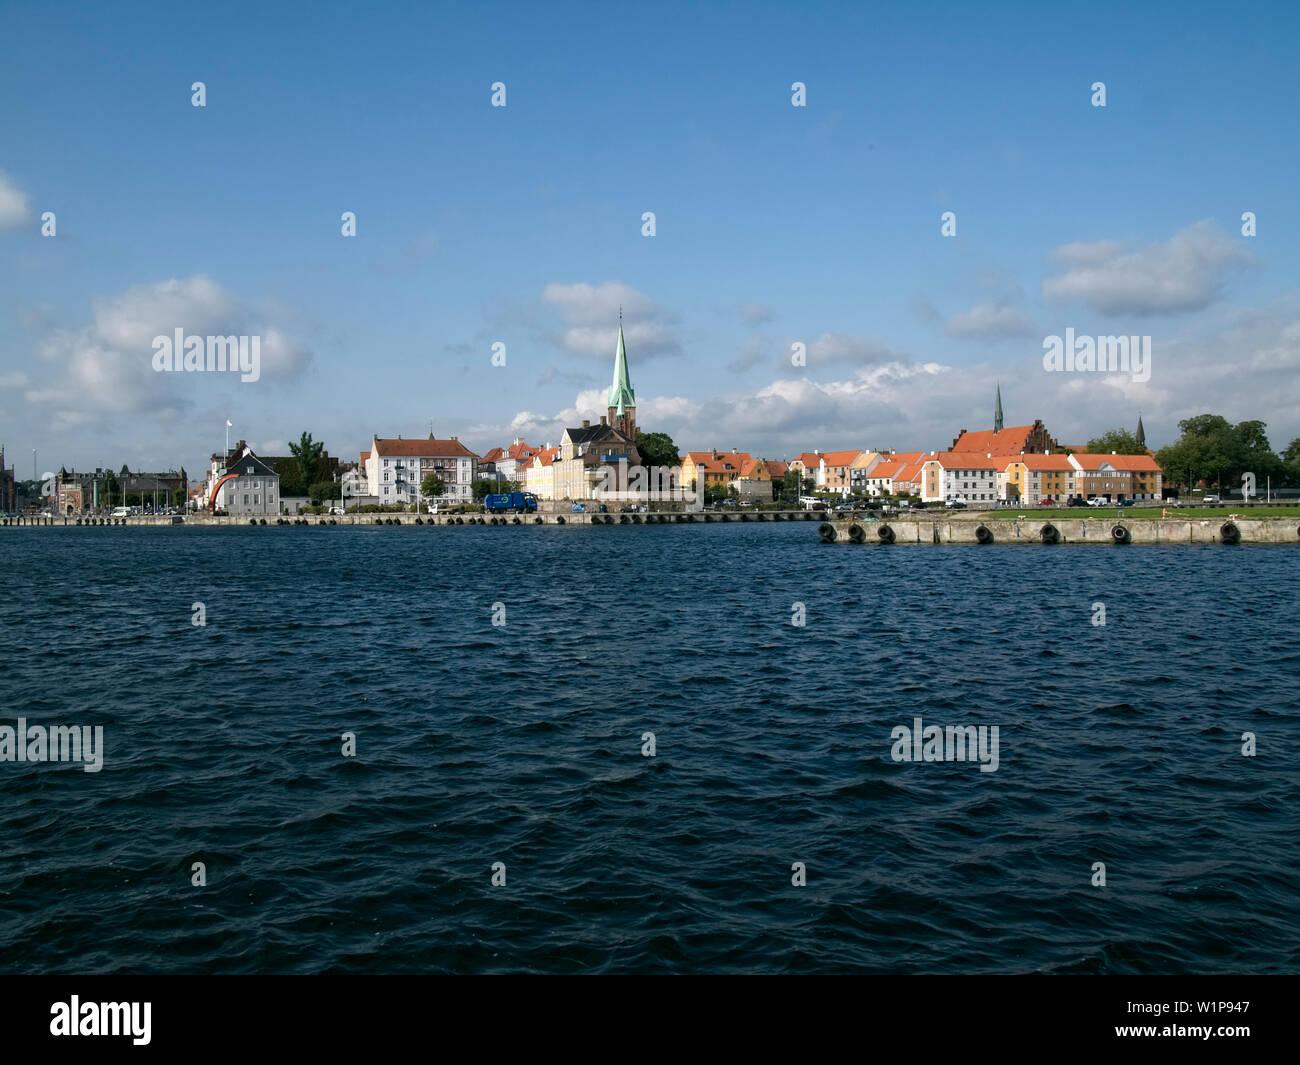 Port of Helsingoer, Sjaelland, Denmark - Stock Image